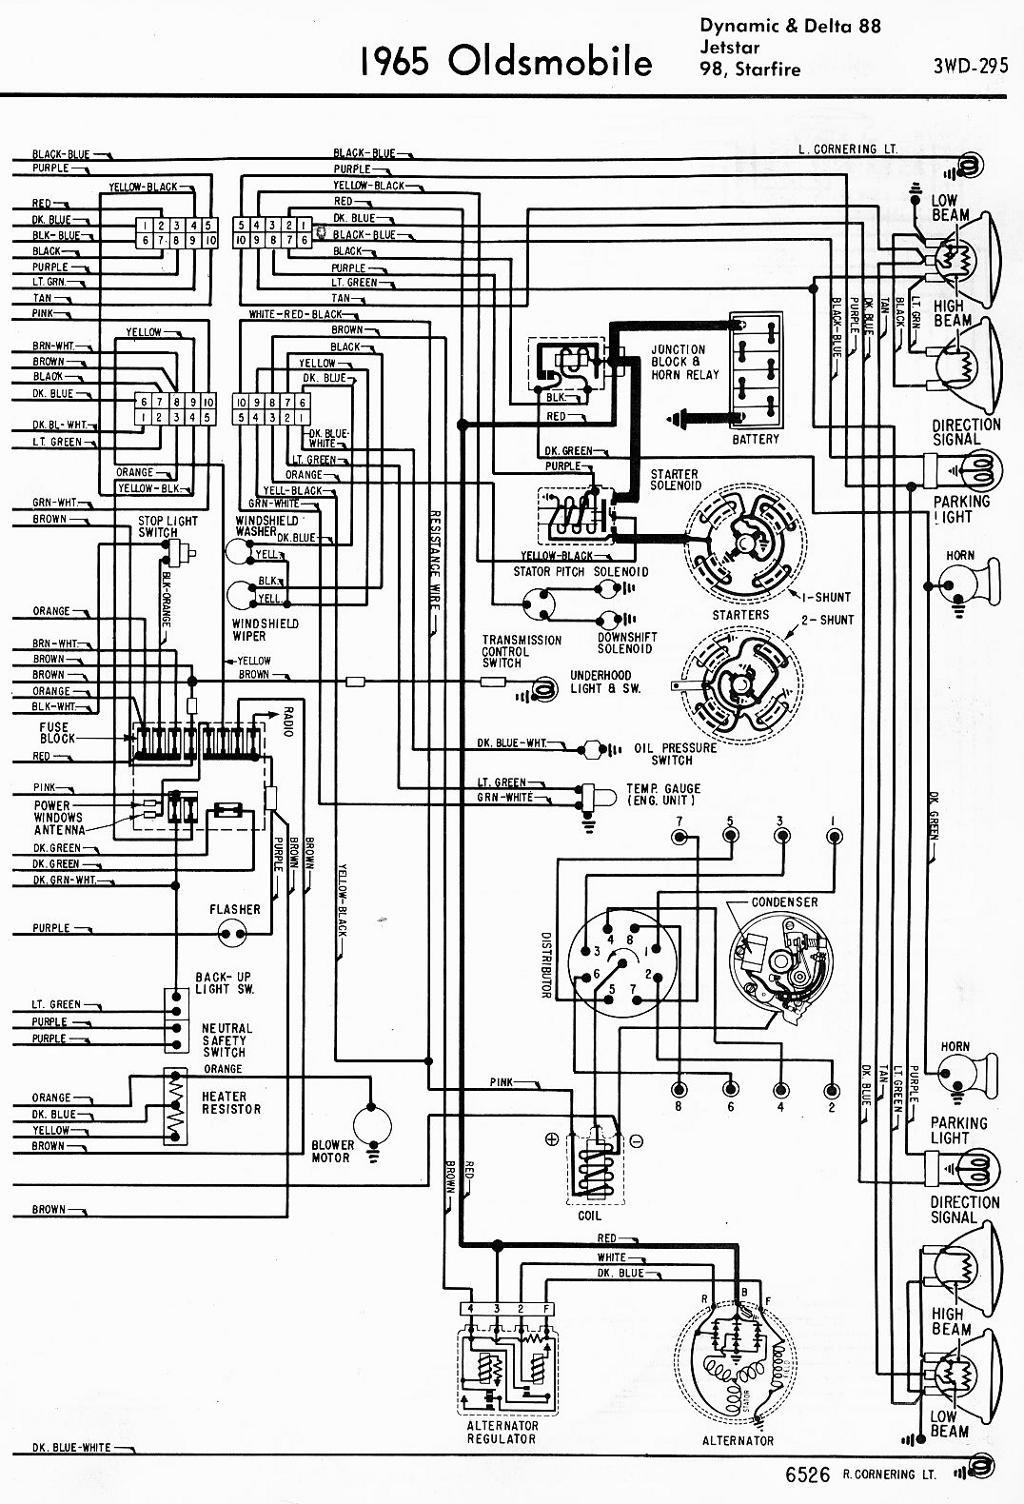 hight resolution of 98 isuzu npr wiring diagram 98 jeep cherokee wiring isuzu truck wiring diagram 98 isuzu rodeo wiring diagram